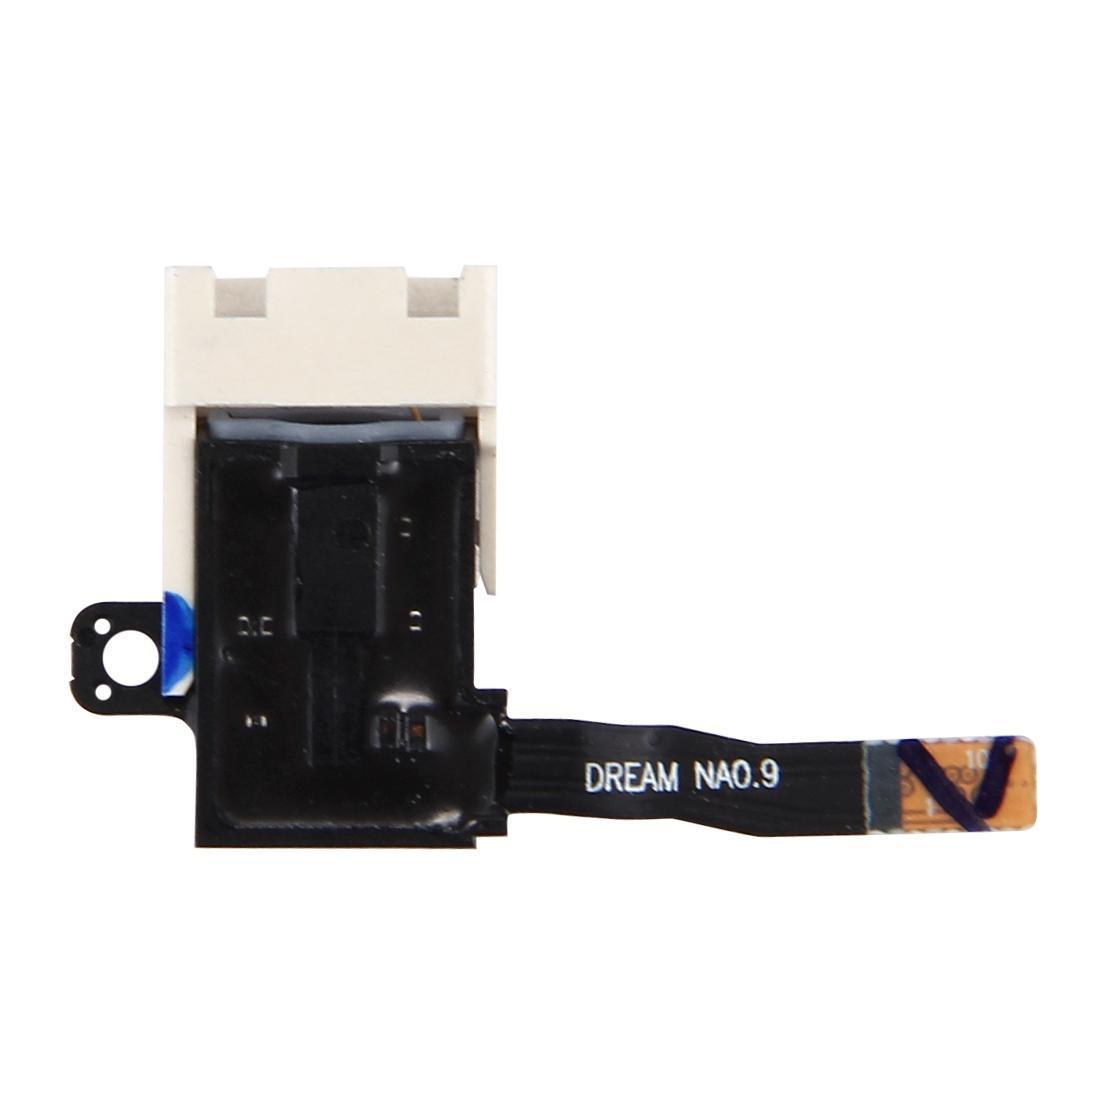 Гнездо для наушников Flex кабель для Galaxy S8 G9500